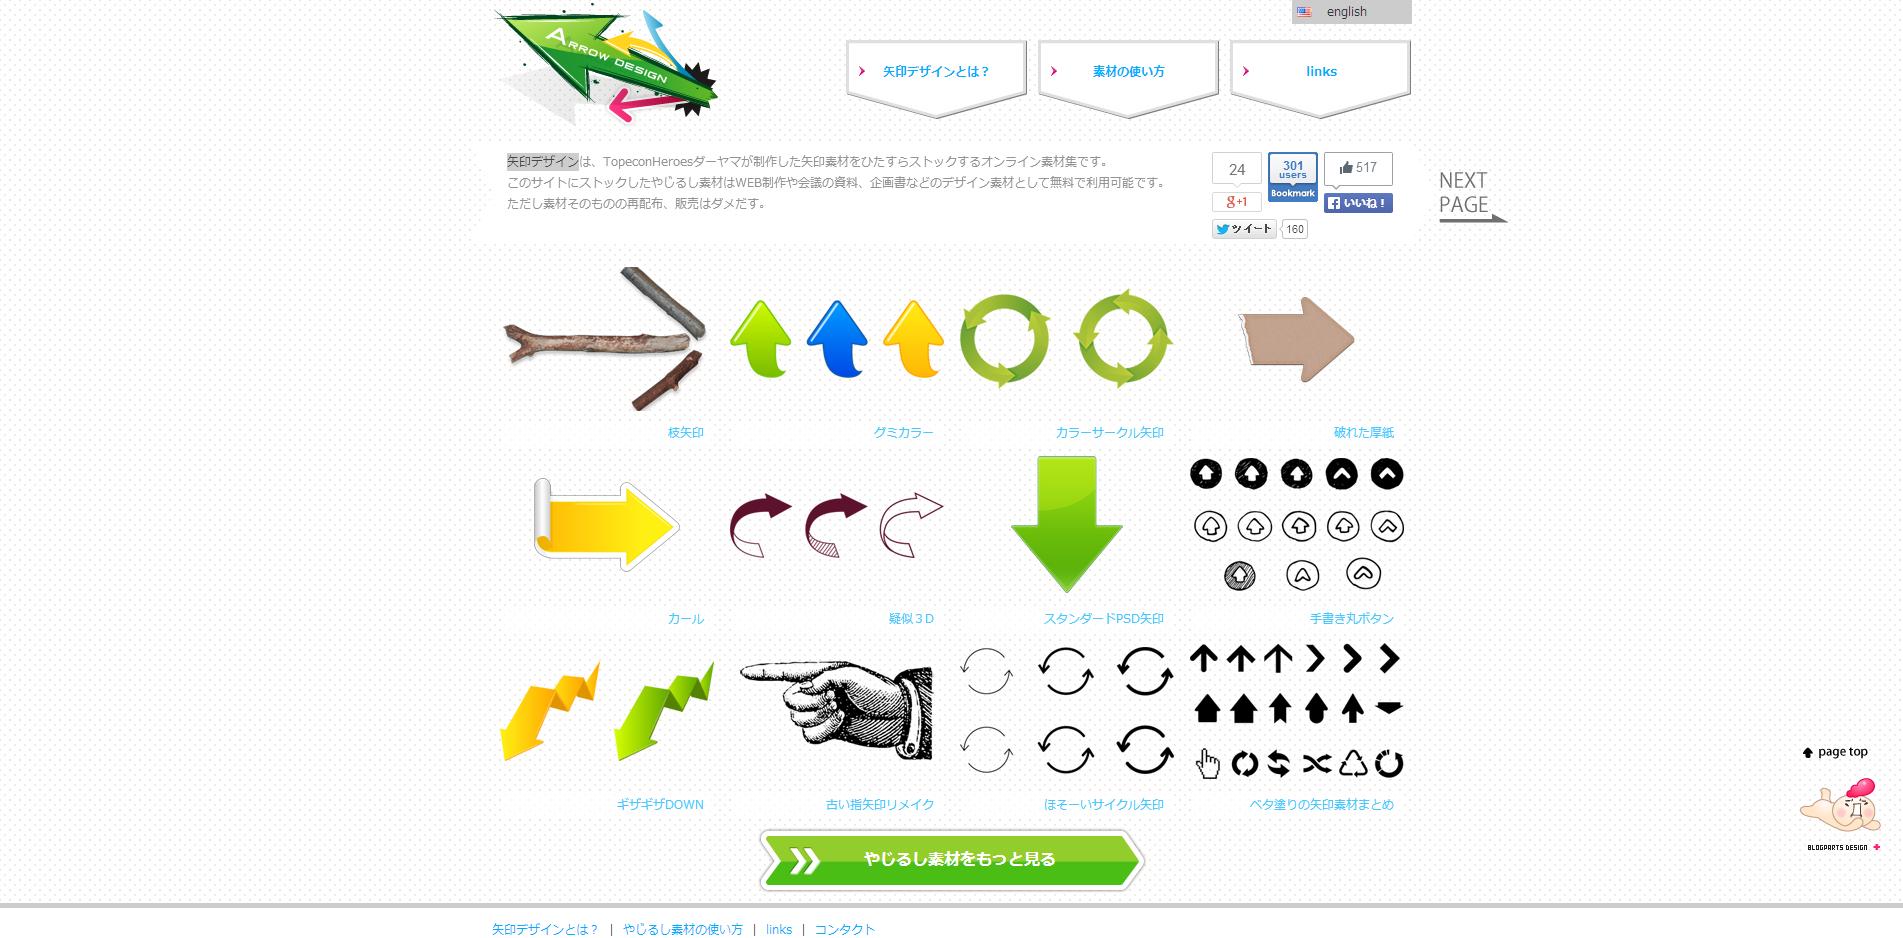 6やじるし素材天国「矢印デザイン」